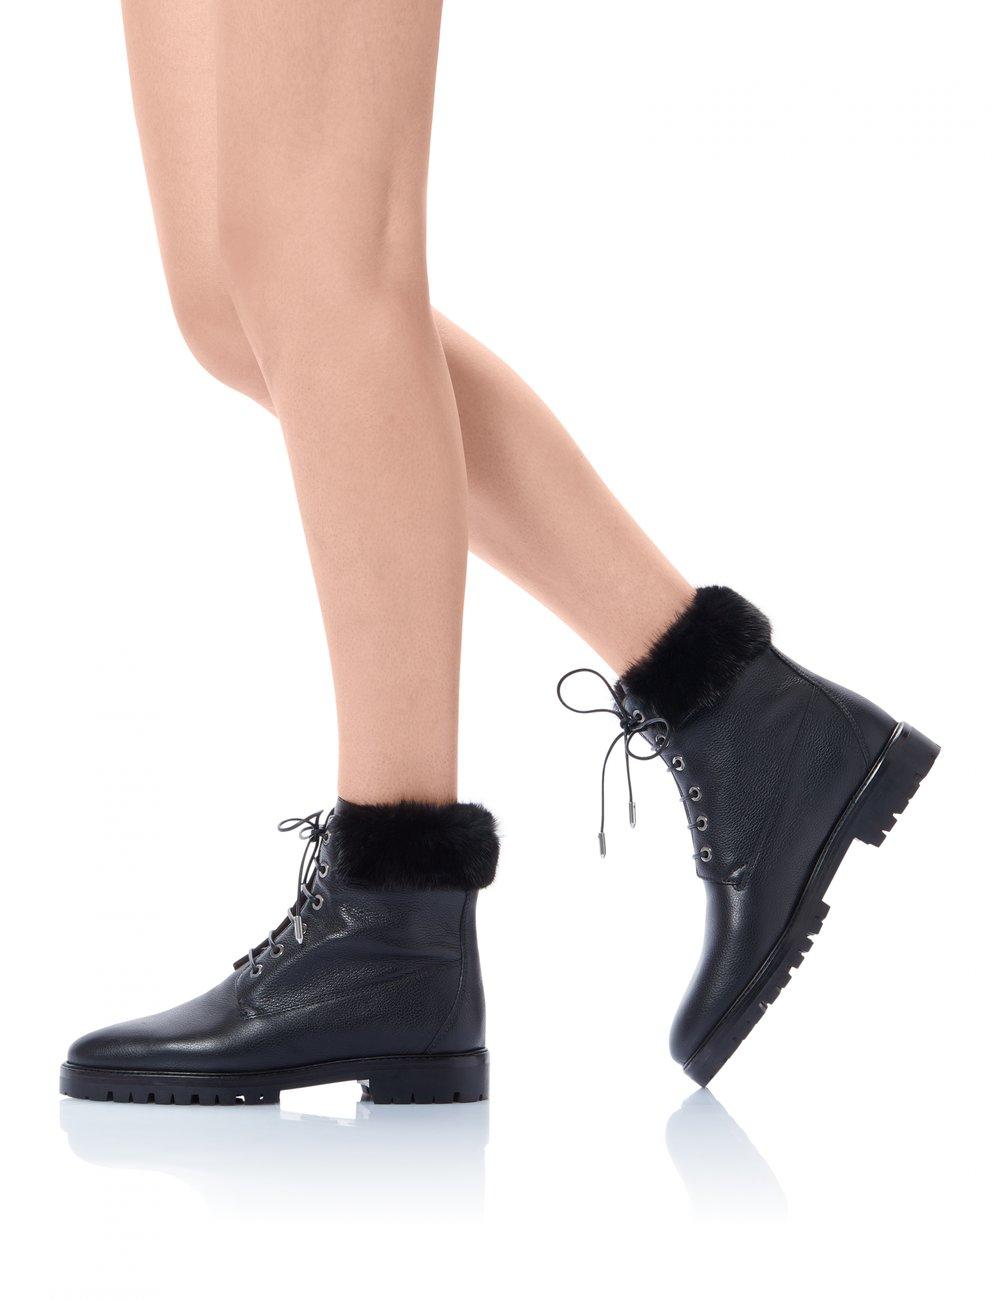 Boots from Aquazzura.